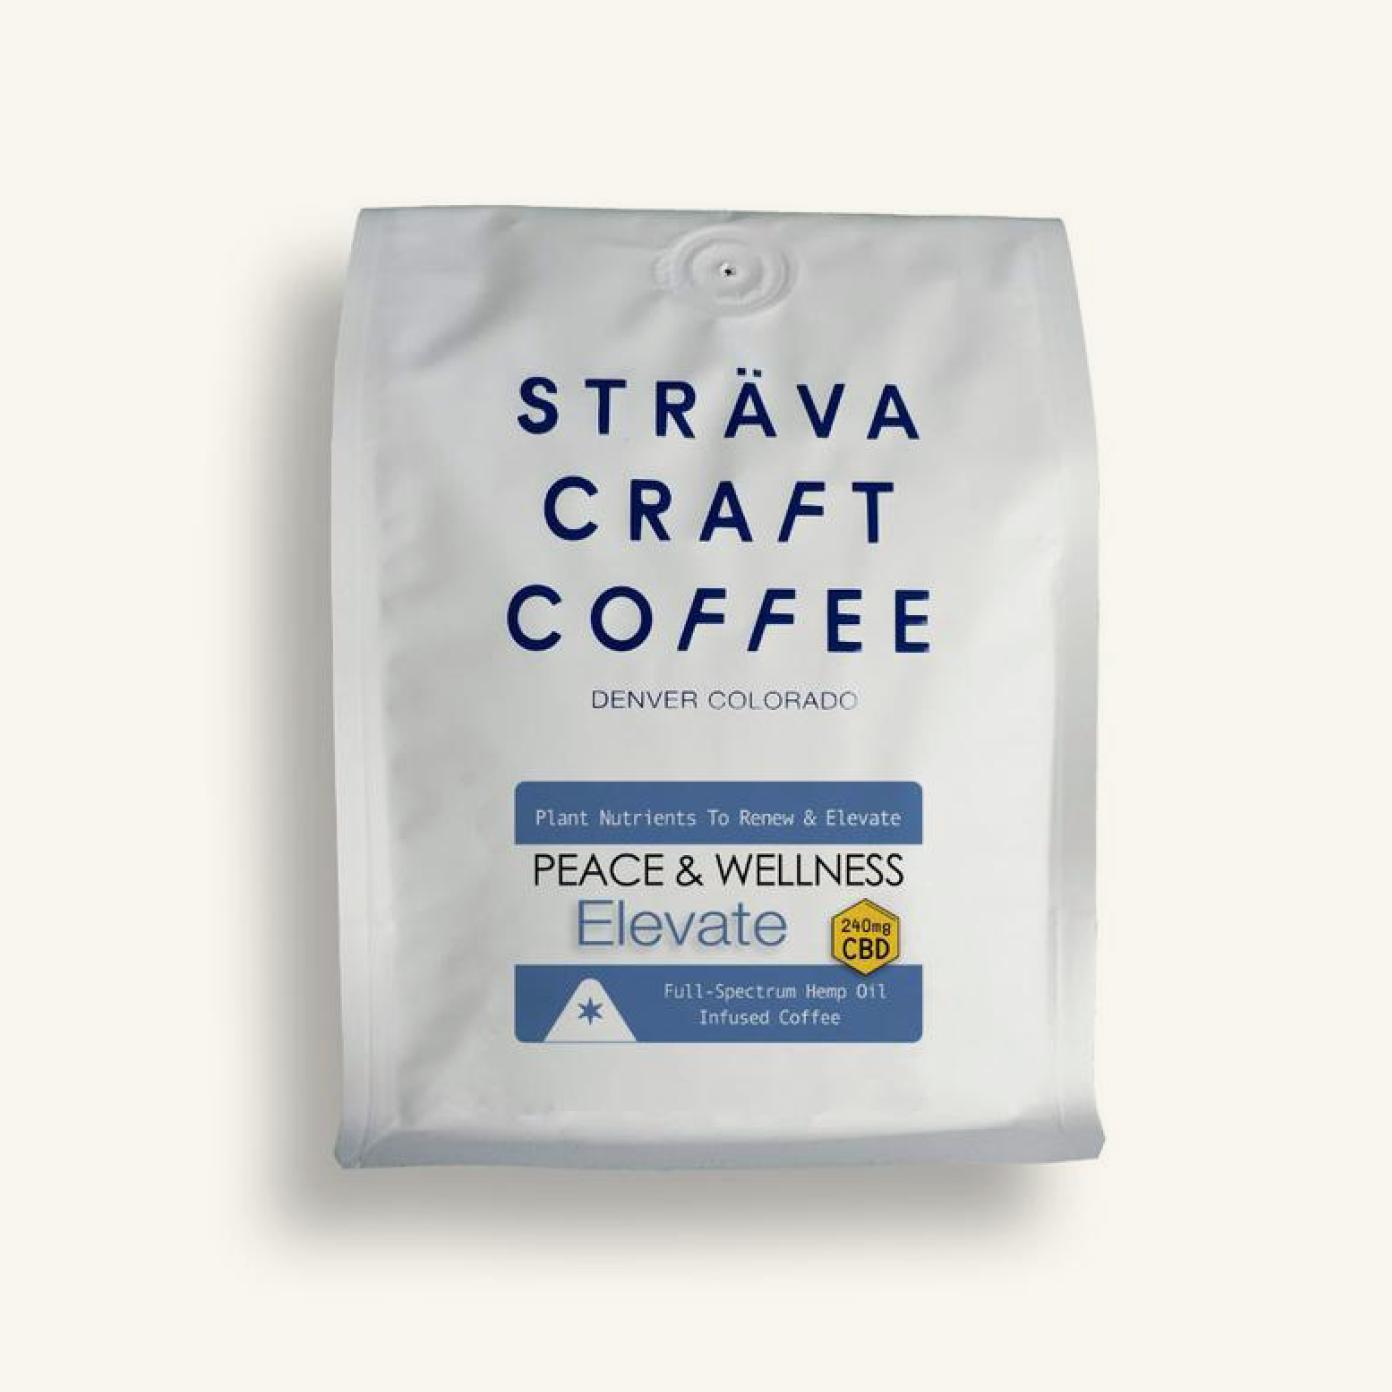 Strava Elevate Hemp Oil Infused Coffee